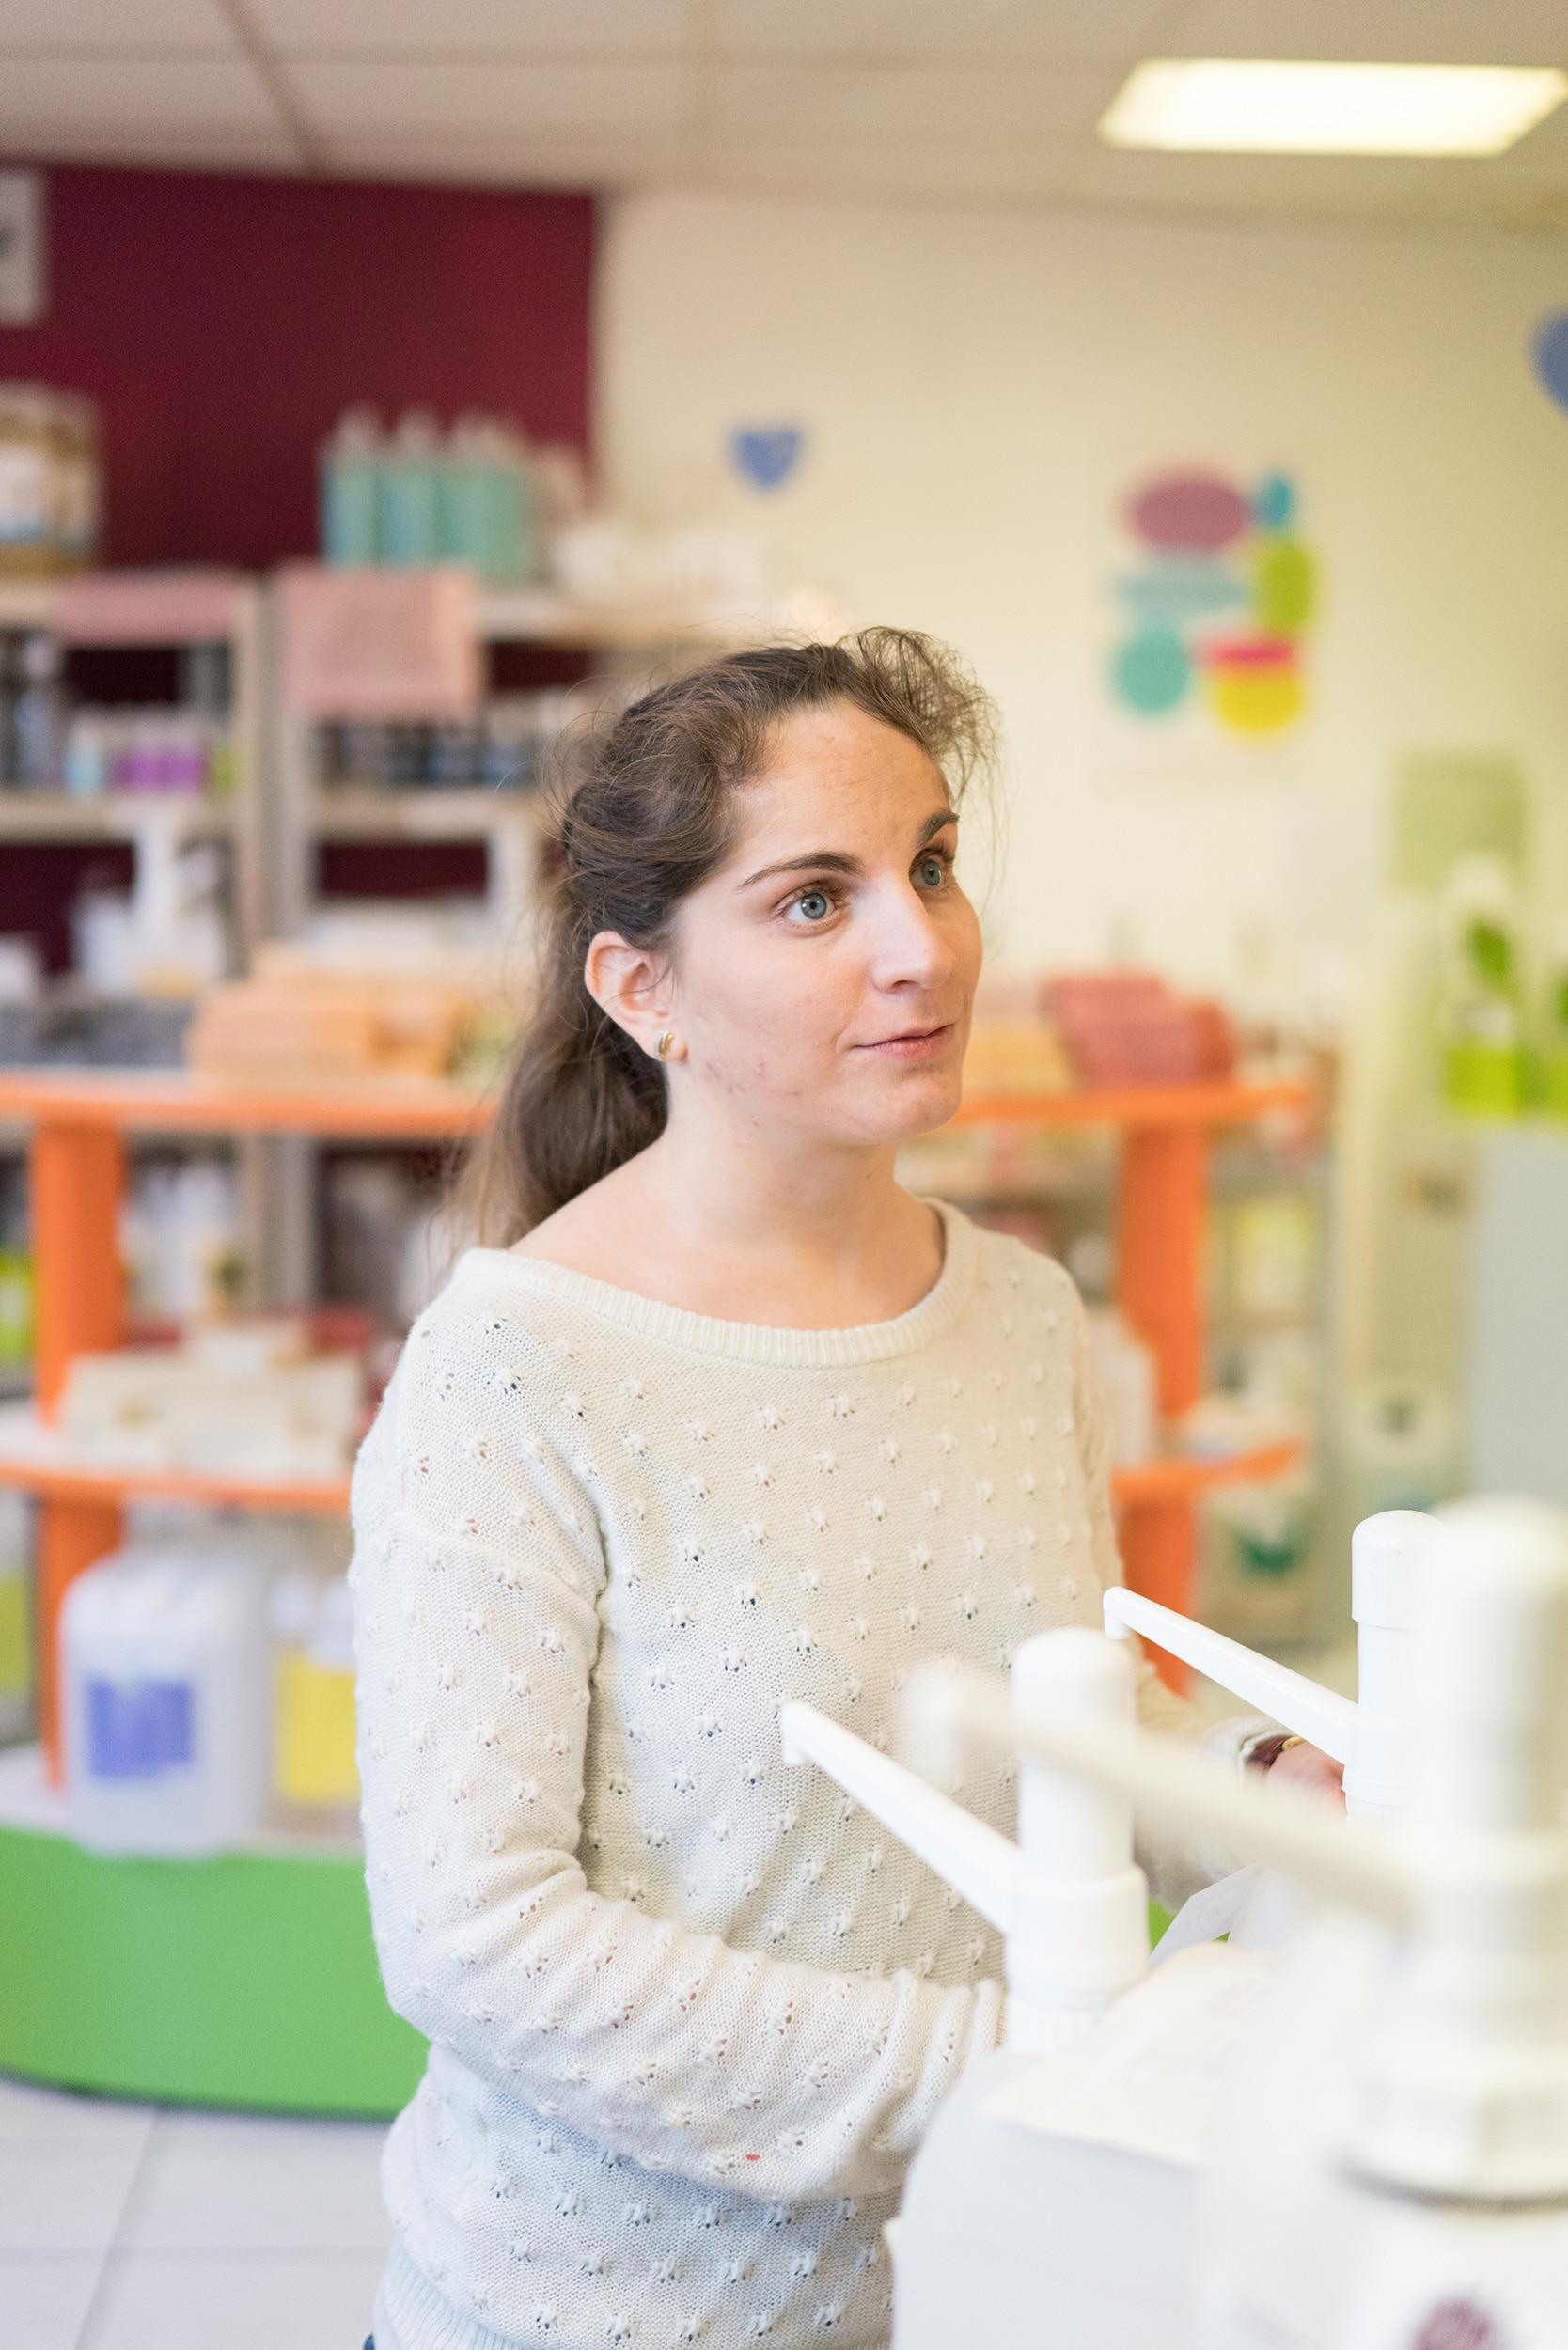 Portrait de Sabrina au premier plan. Au second plan on peut apercevoir le magasin de vente de savons.